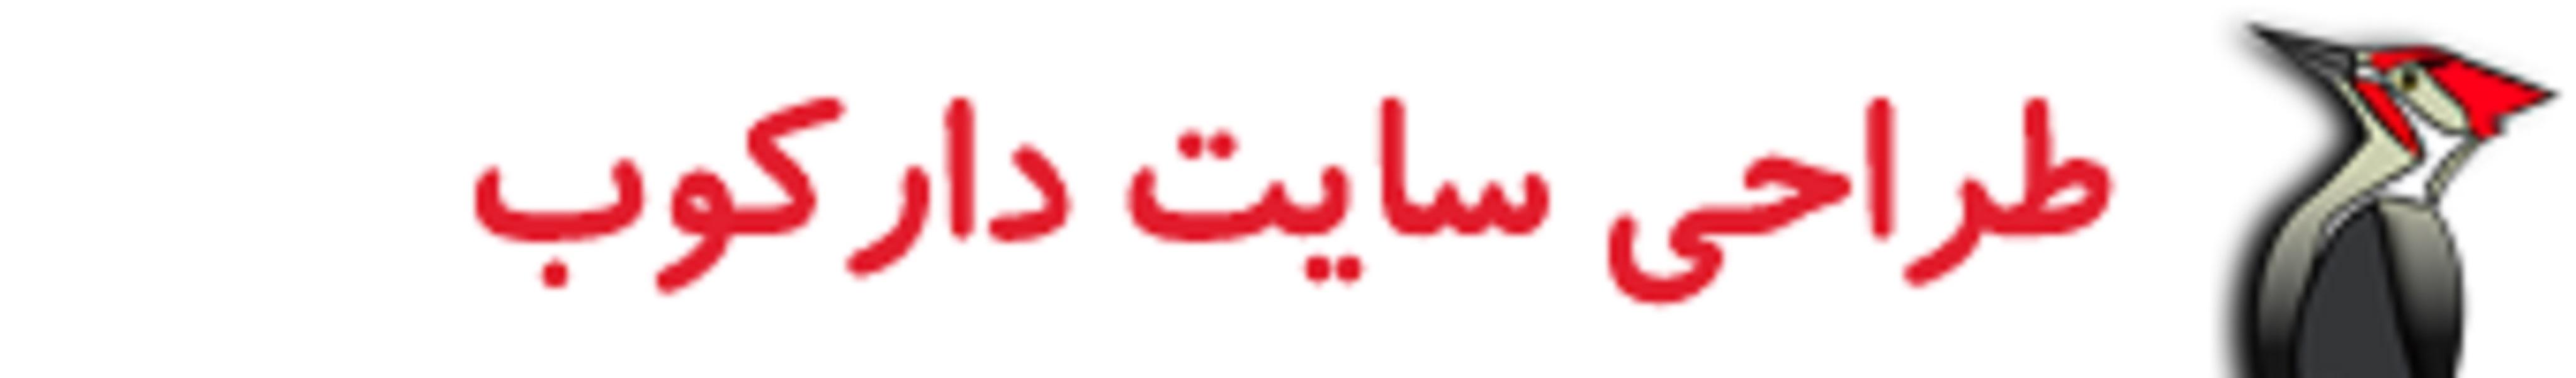 3000 وب سایت طراحی شده دارکوب